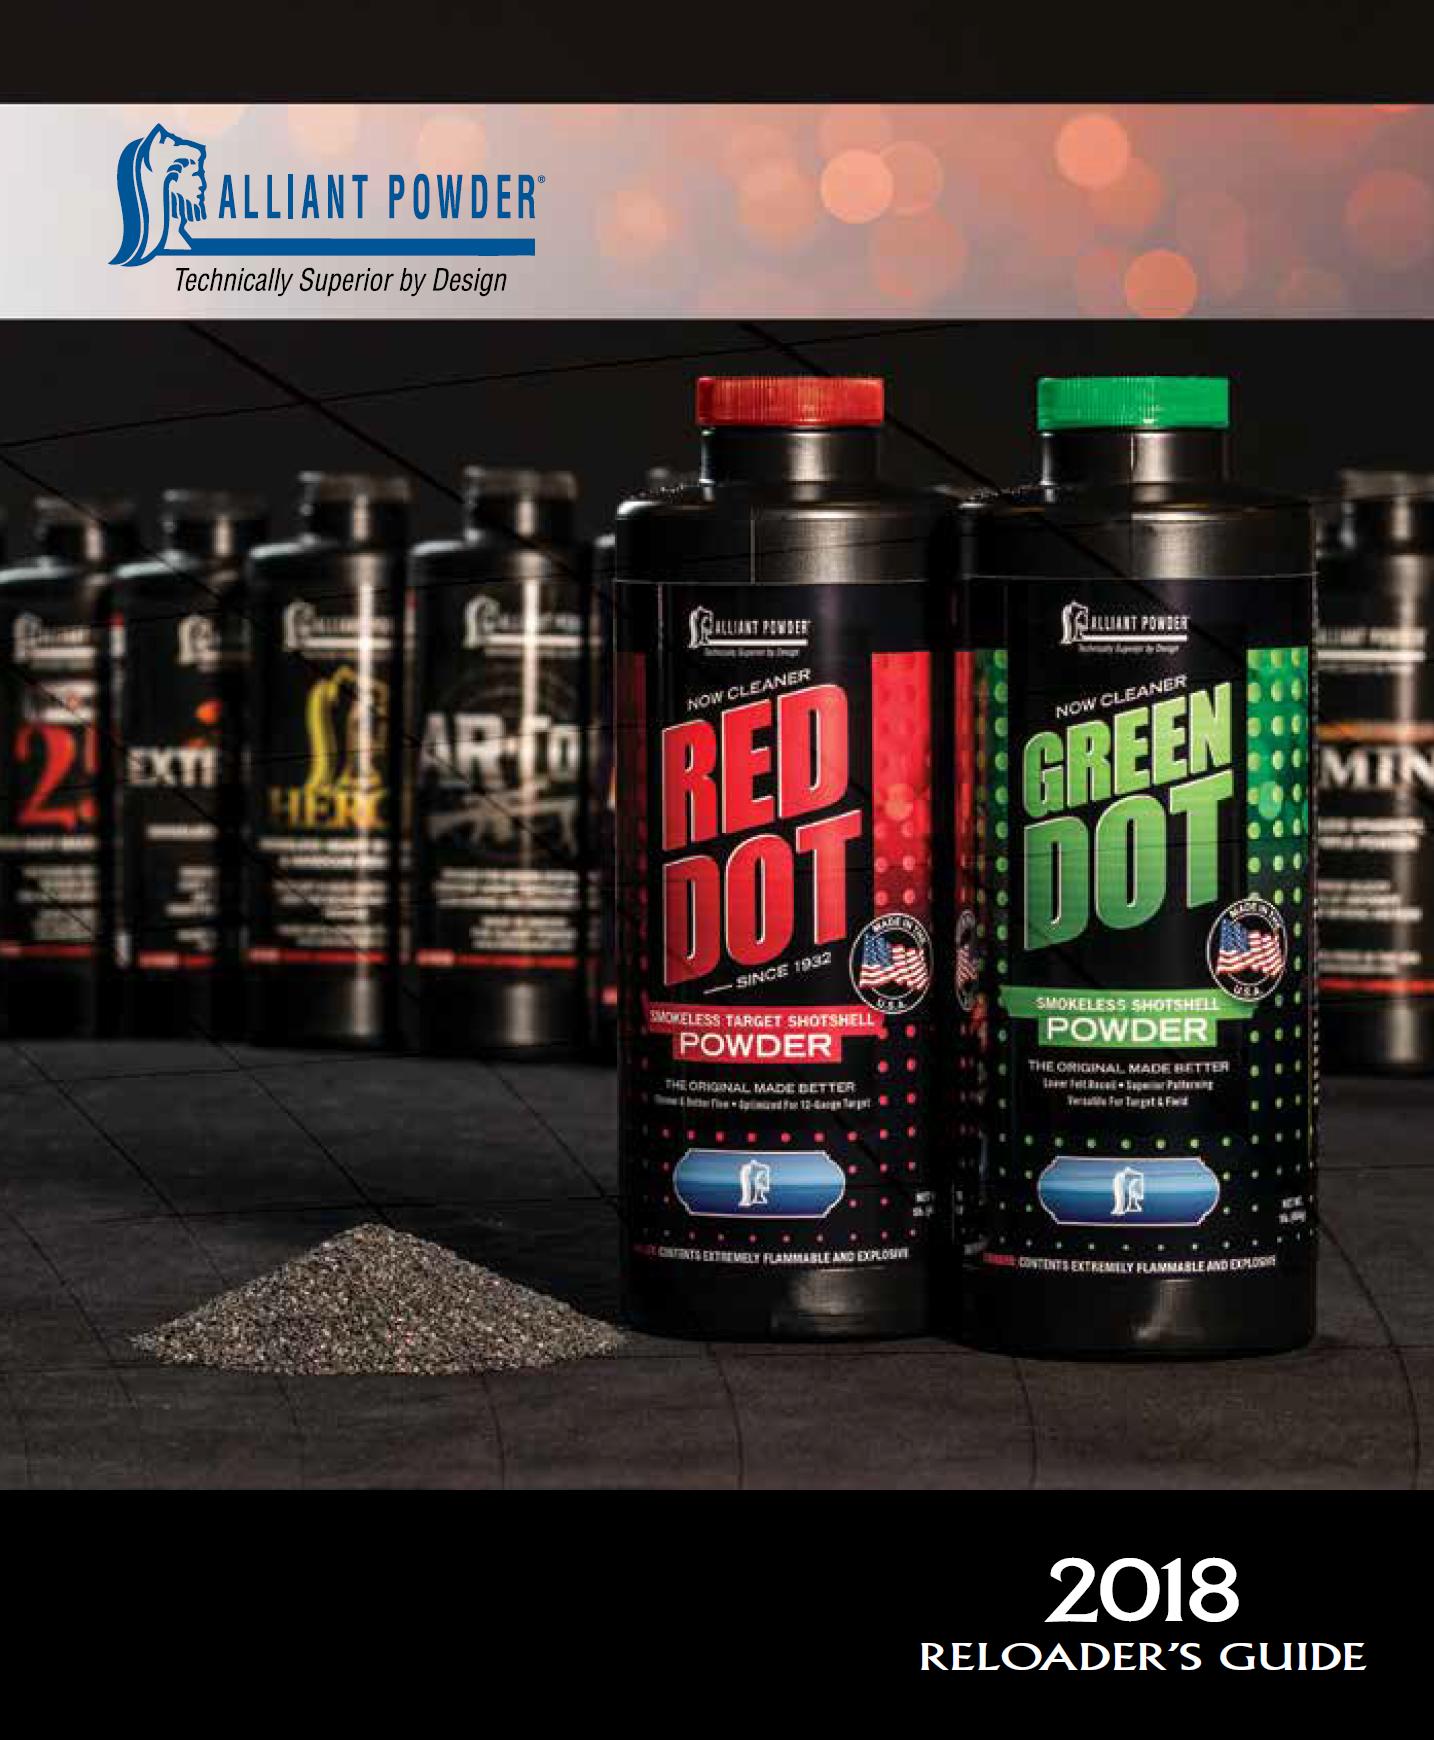 Alliant Powder Reloading Guide 2018